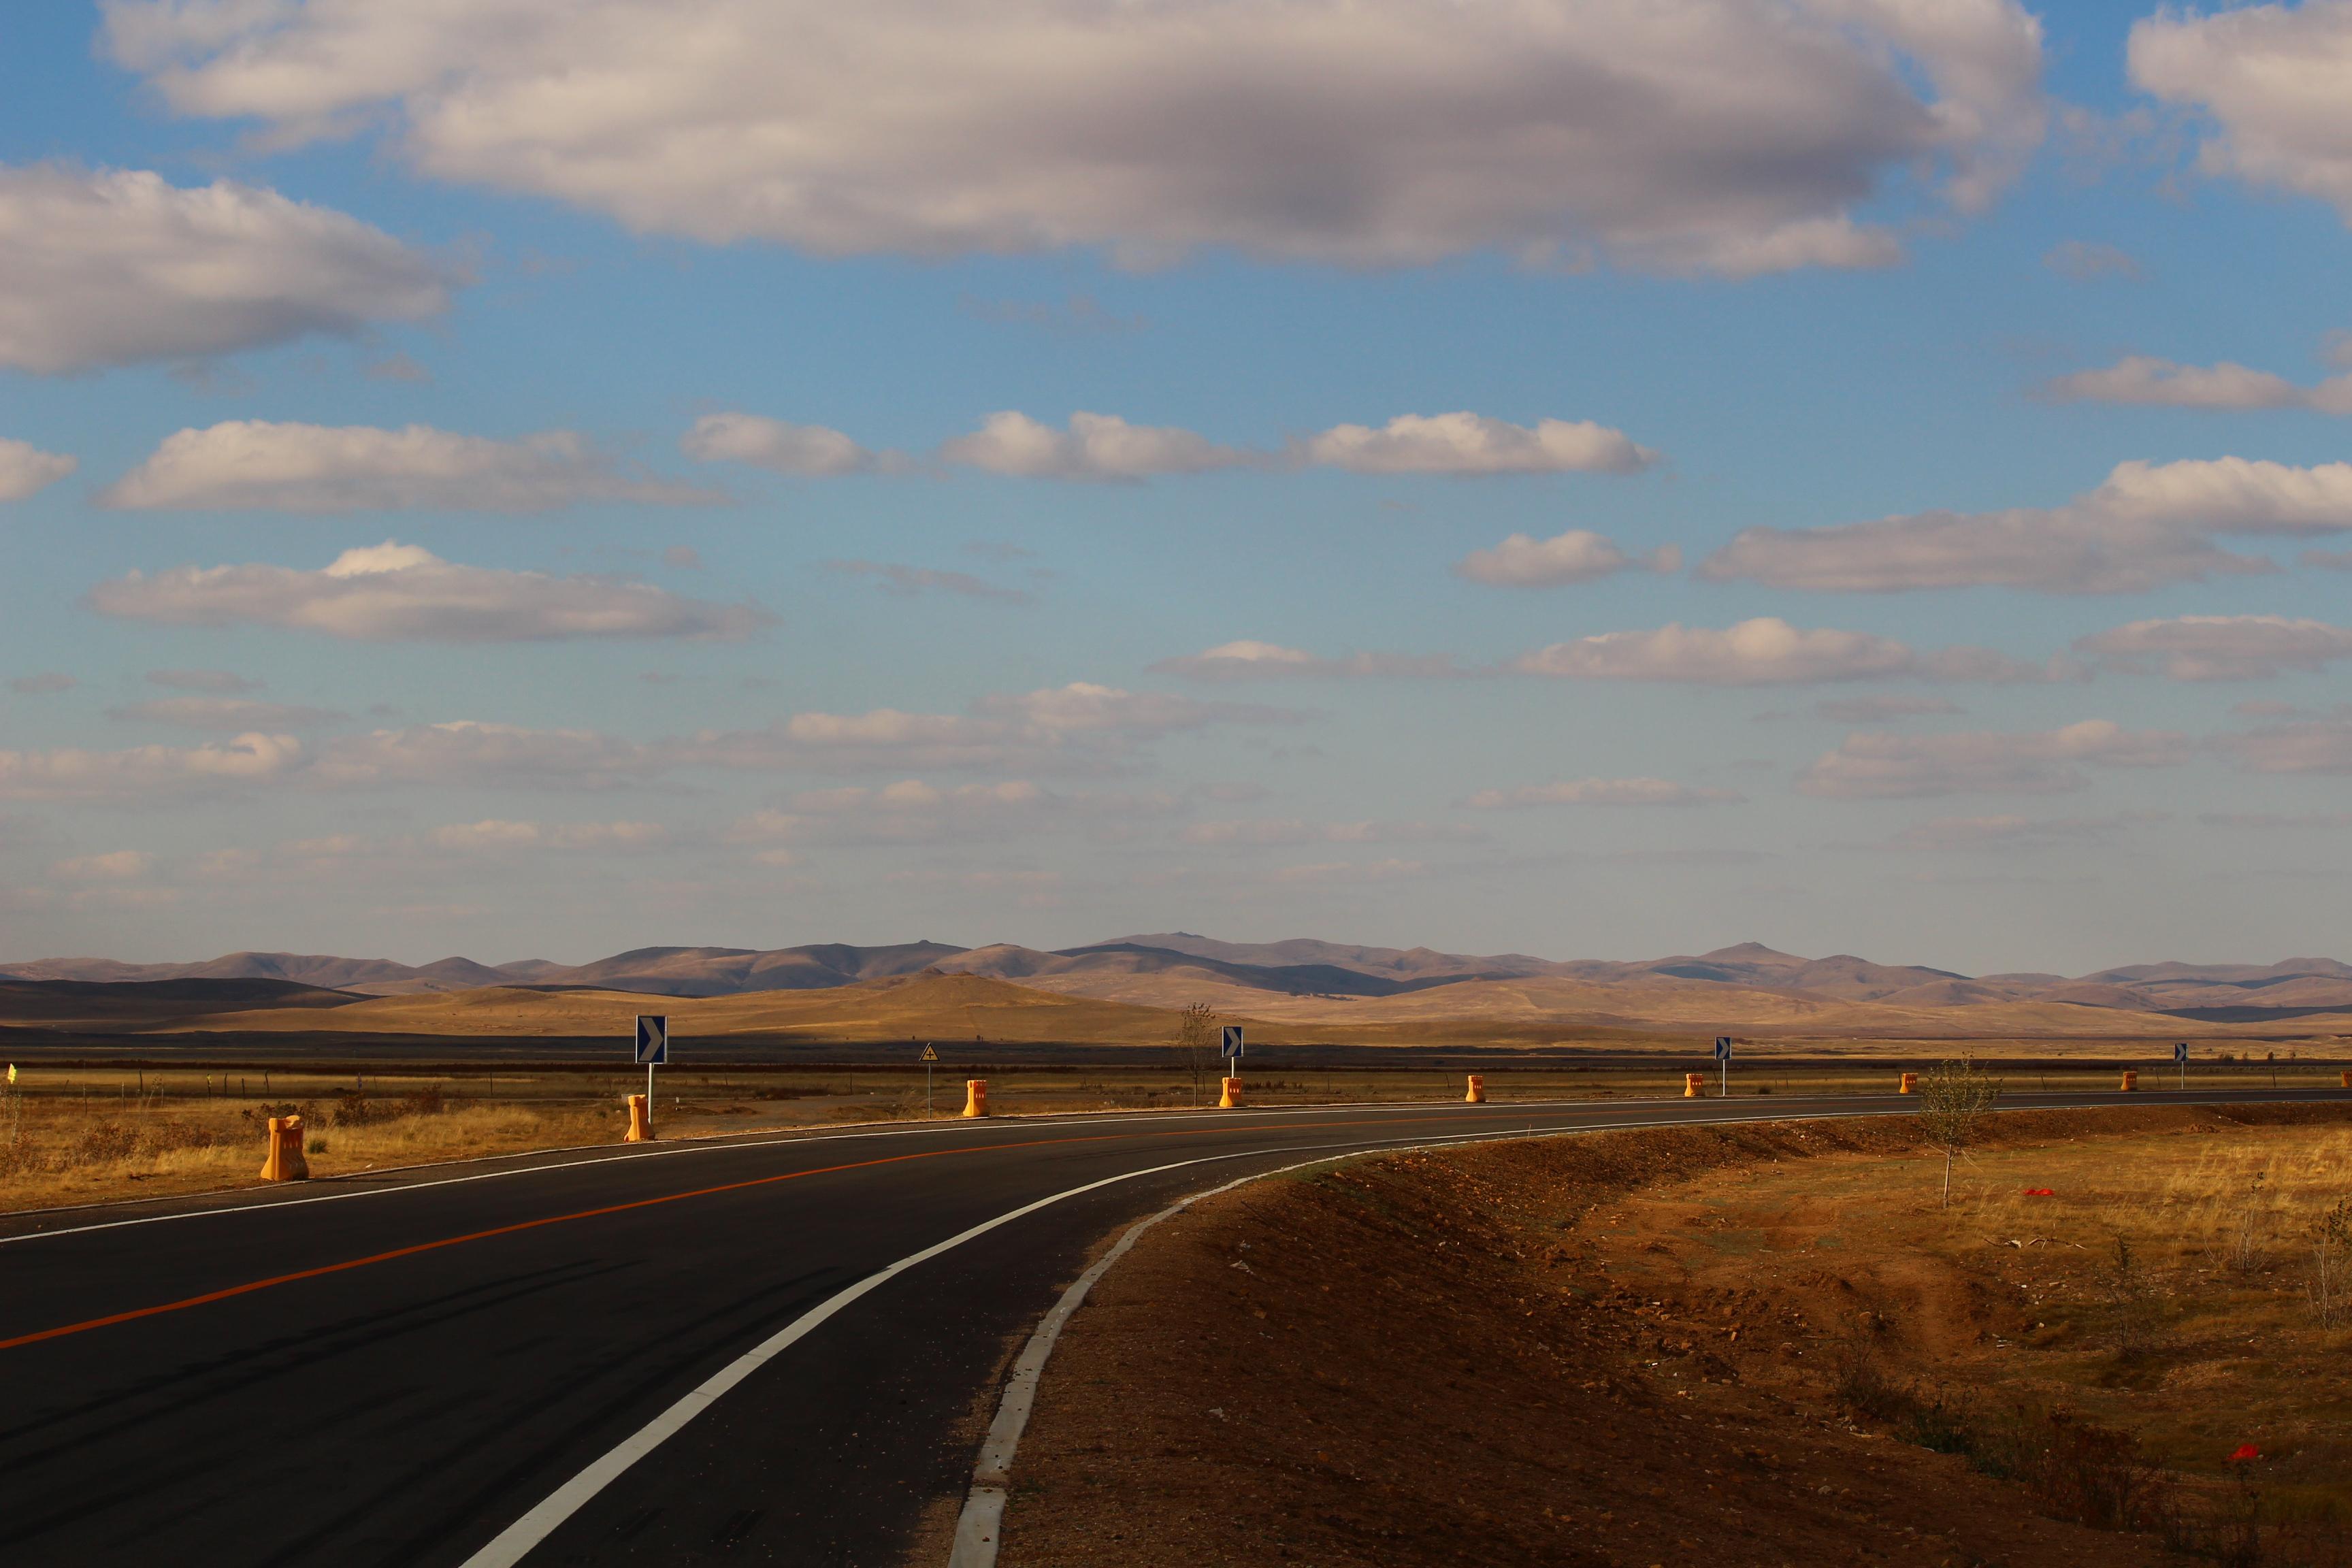 路�z*_壁纸 道路 高速 高速公路 公路 桌面 3456_2304